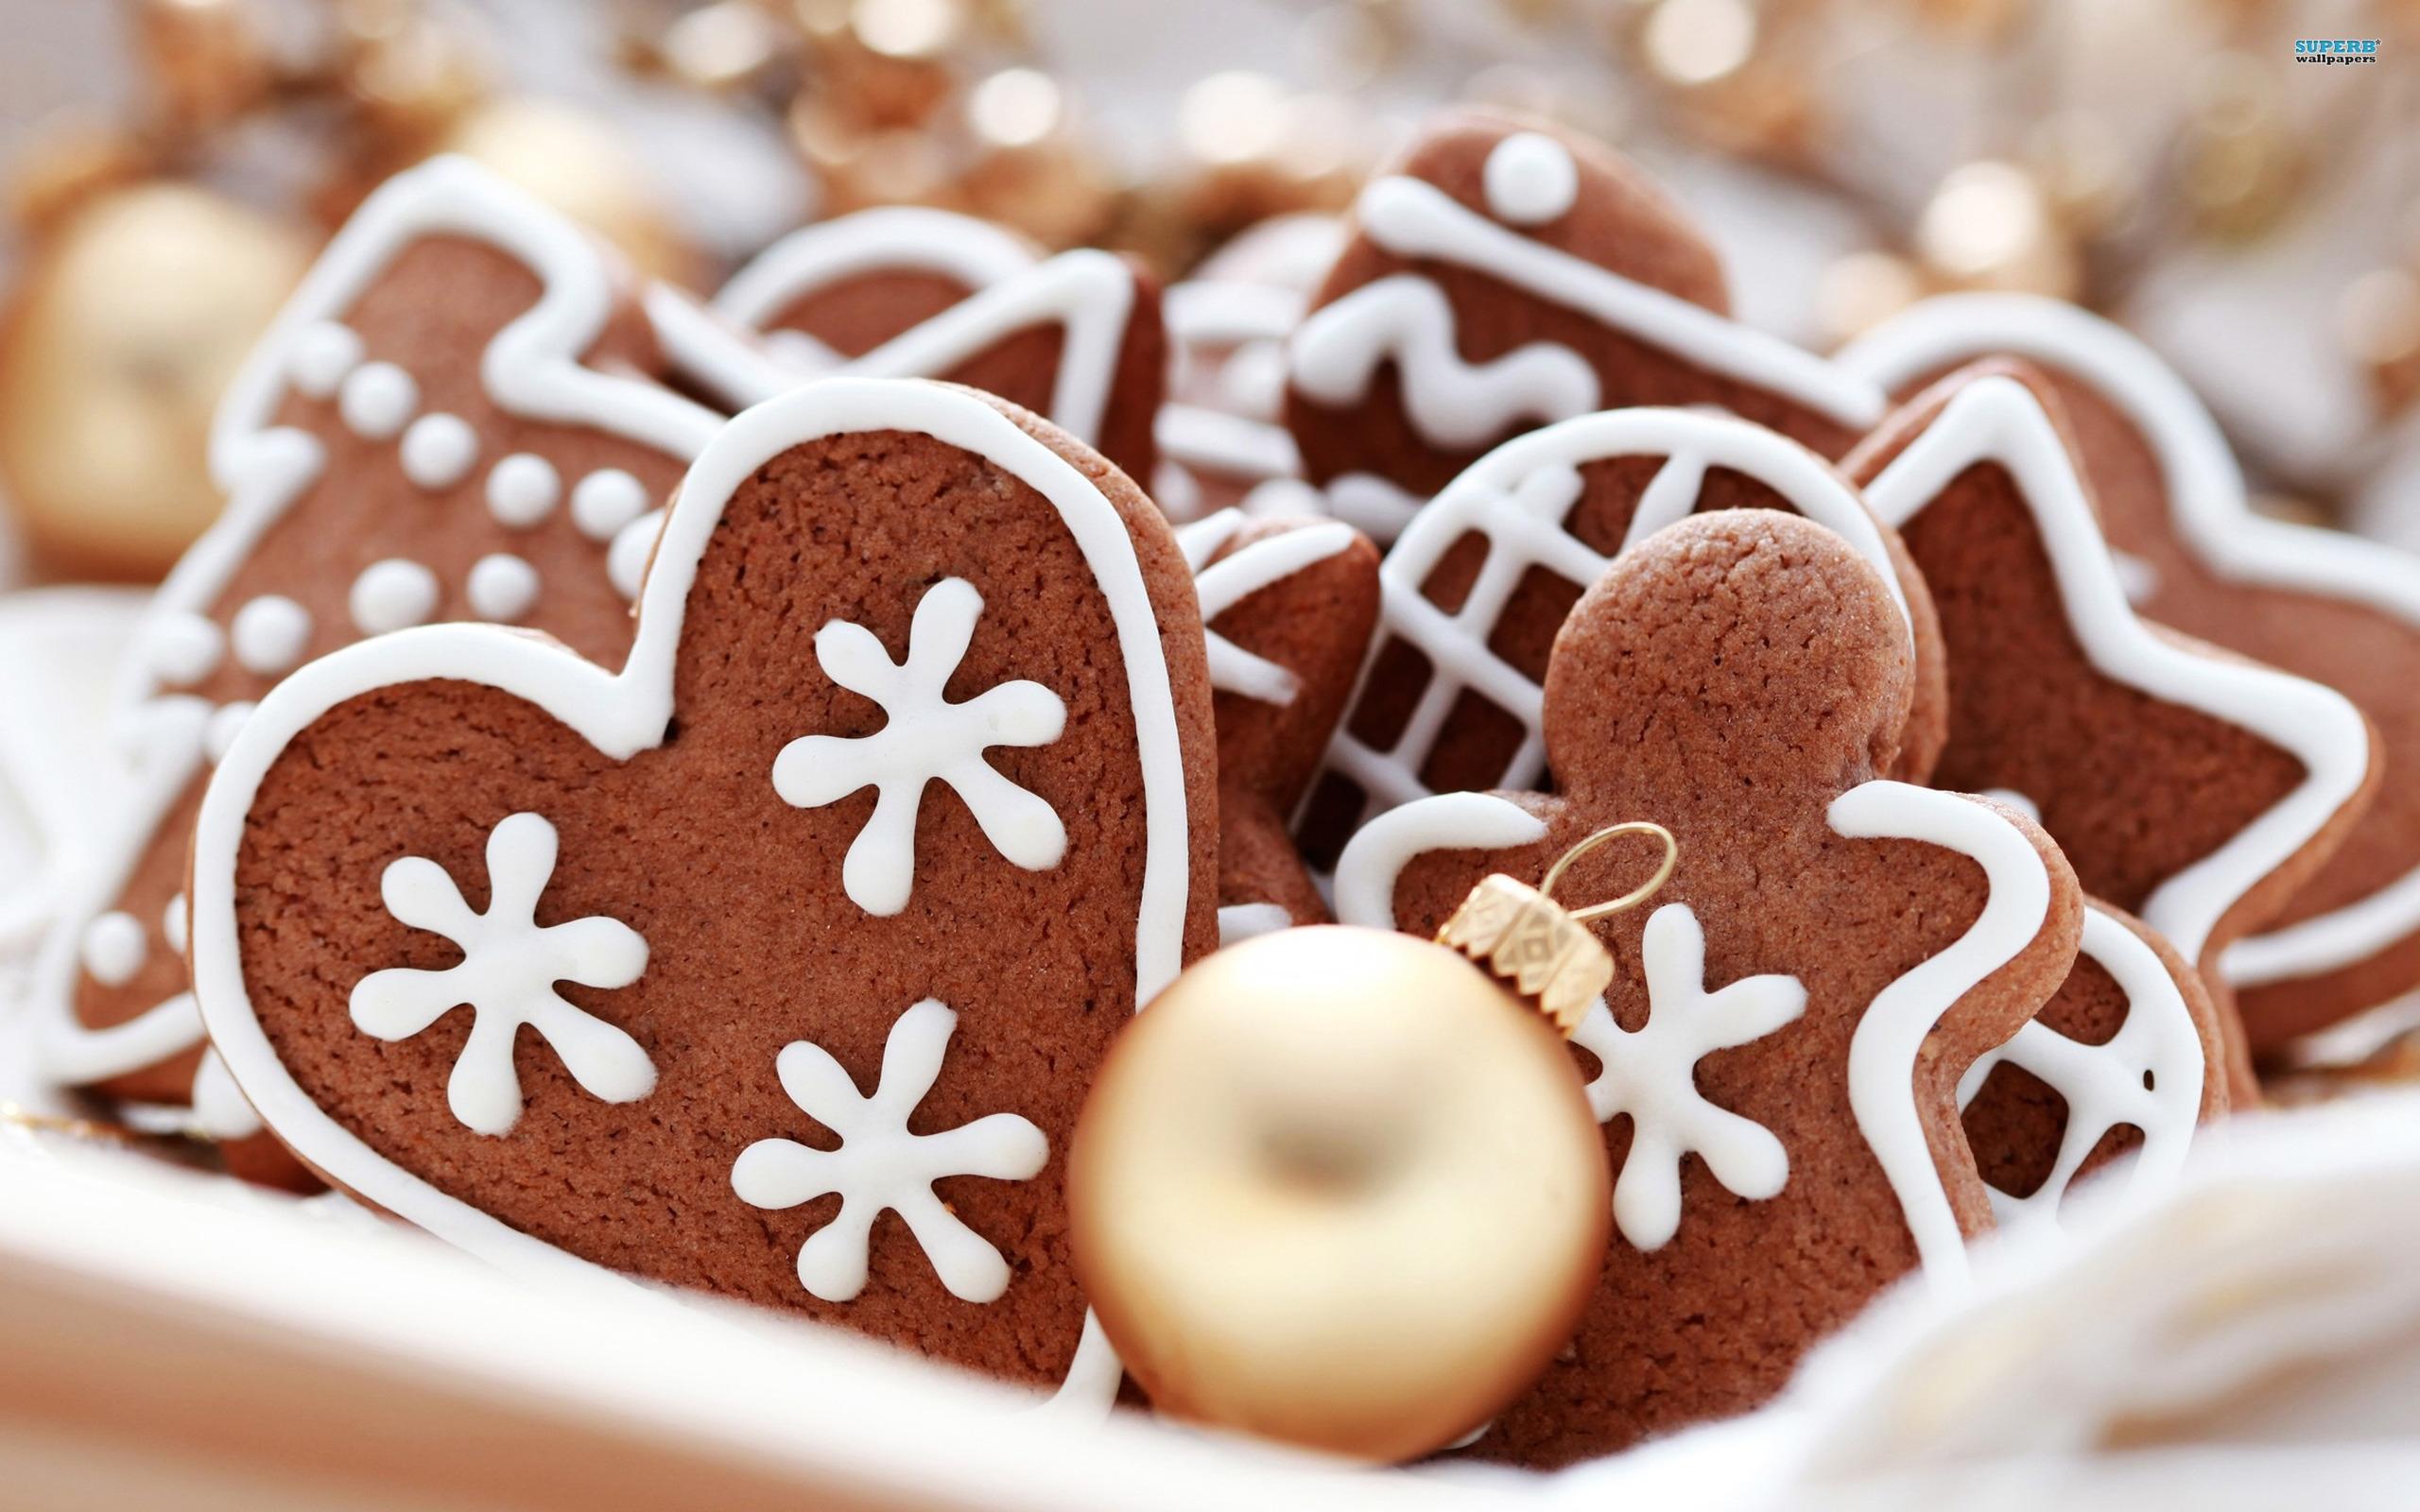 ws_gingerbread_cookies_2560x1600.jpg